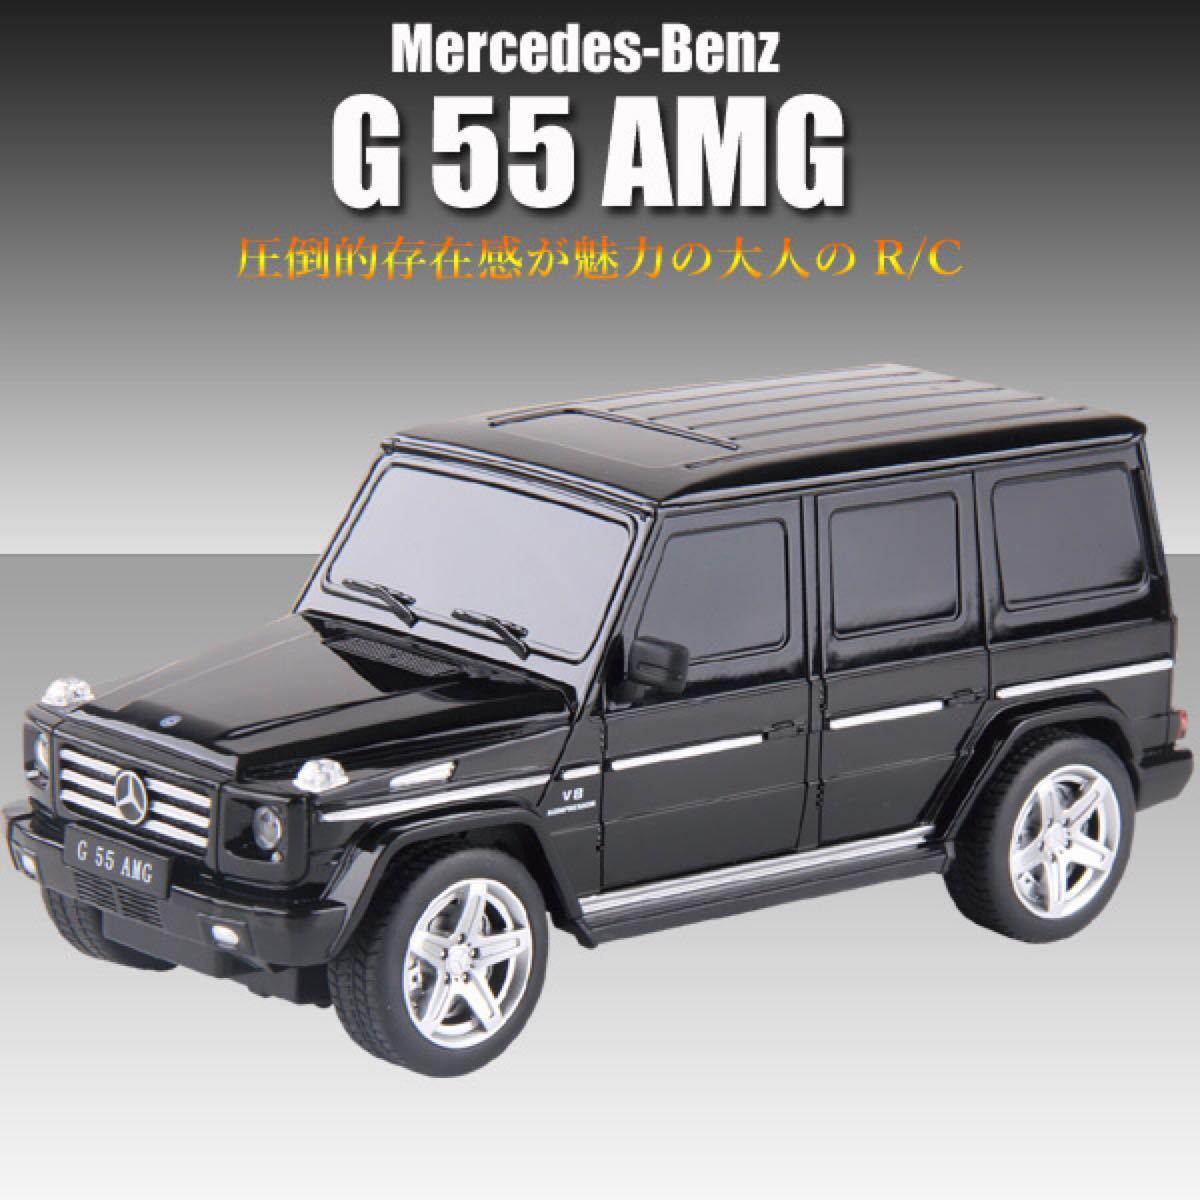 送料無料 メルセデスベンツ G55-AMG RC ラジコン ベンツ ミニカー ラジコンカー ベンツ 子供 大人 玩具 車 黒